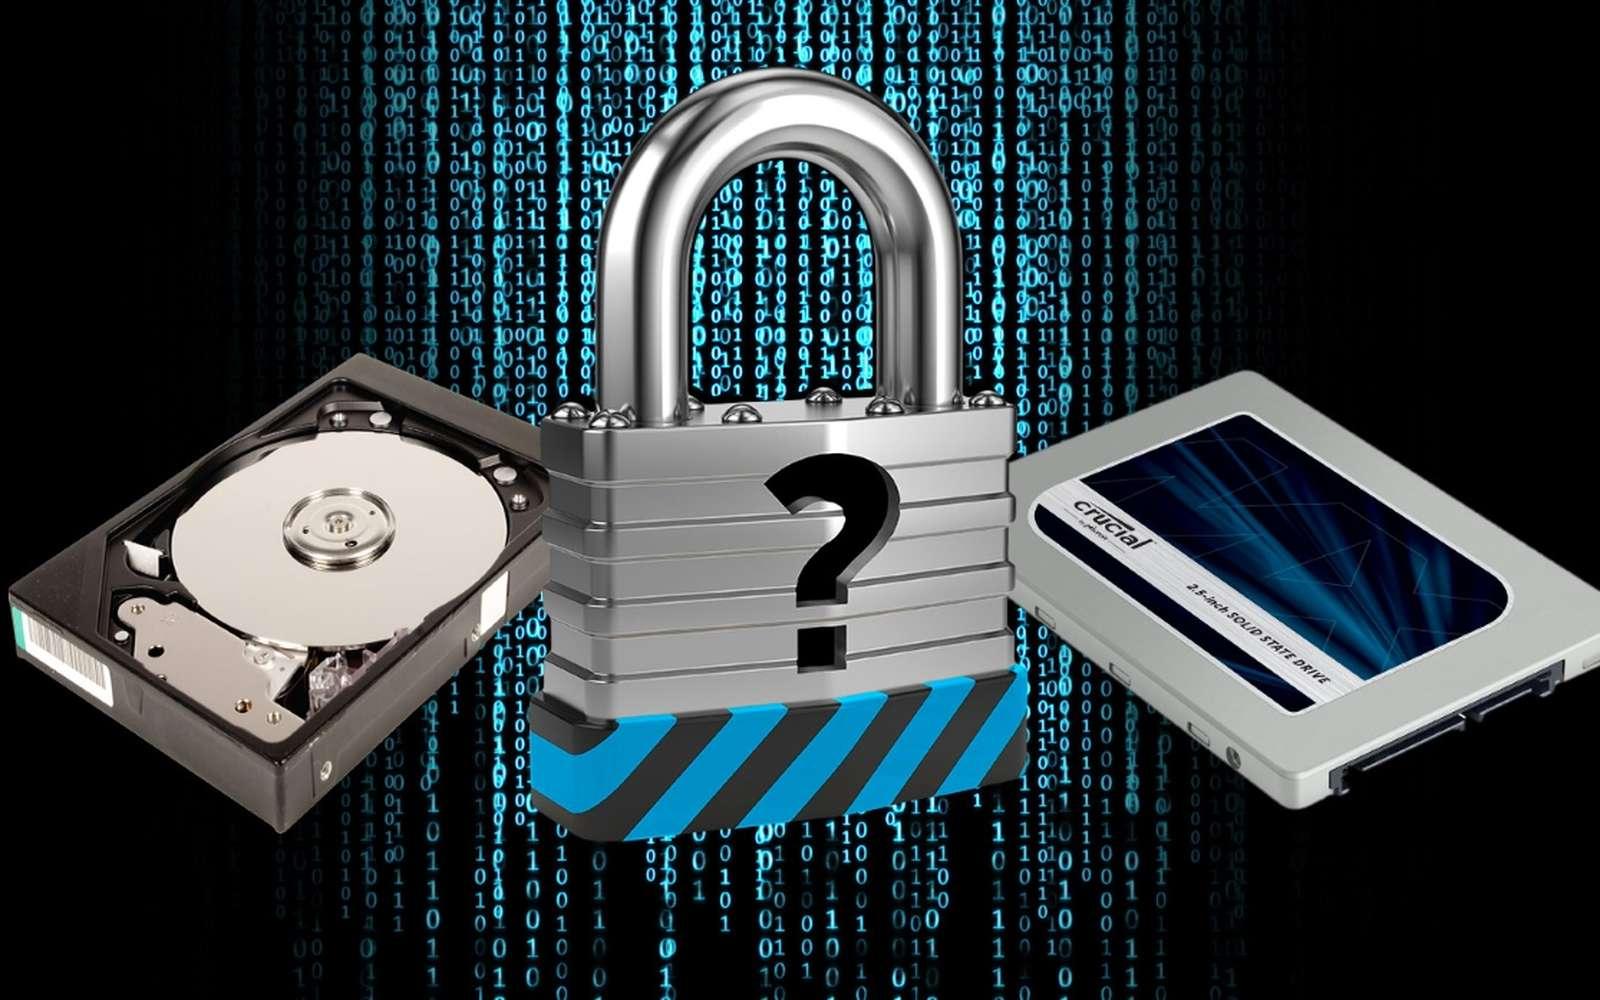 La découverte date d'avril et des constructeurs comme Crucial et Samsung proposent déjà des mises à jour de firmwares pour corriger les vulnérabilités. © Crucial